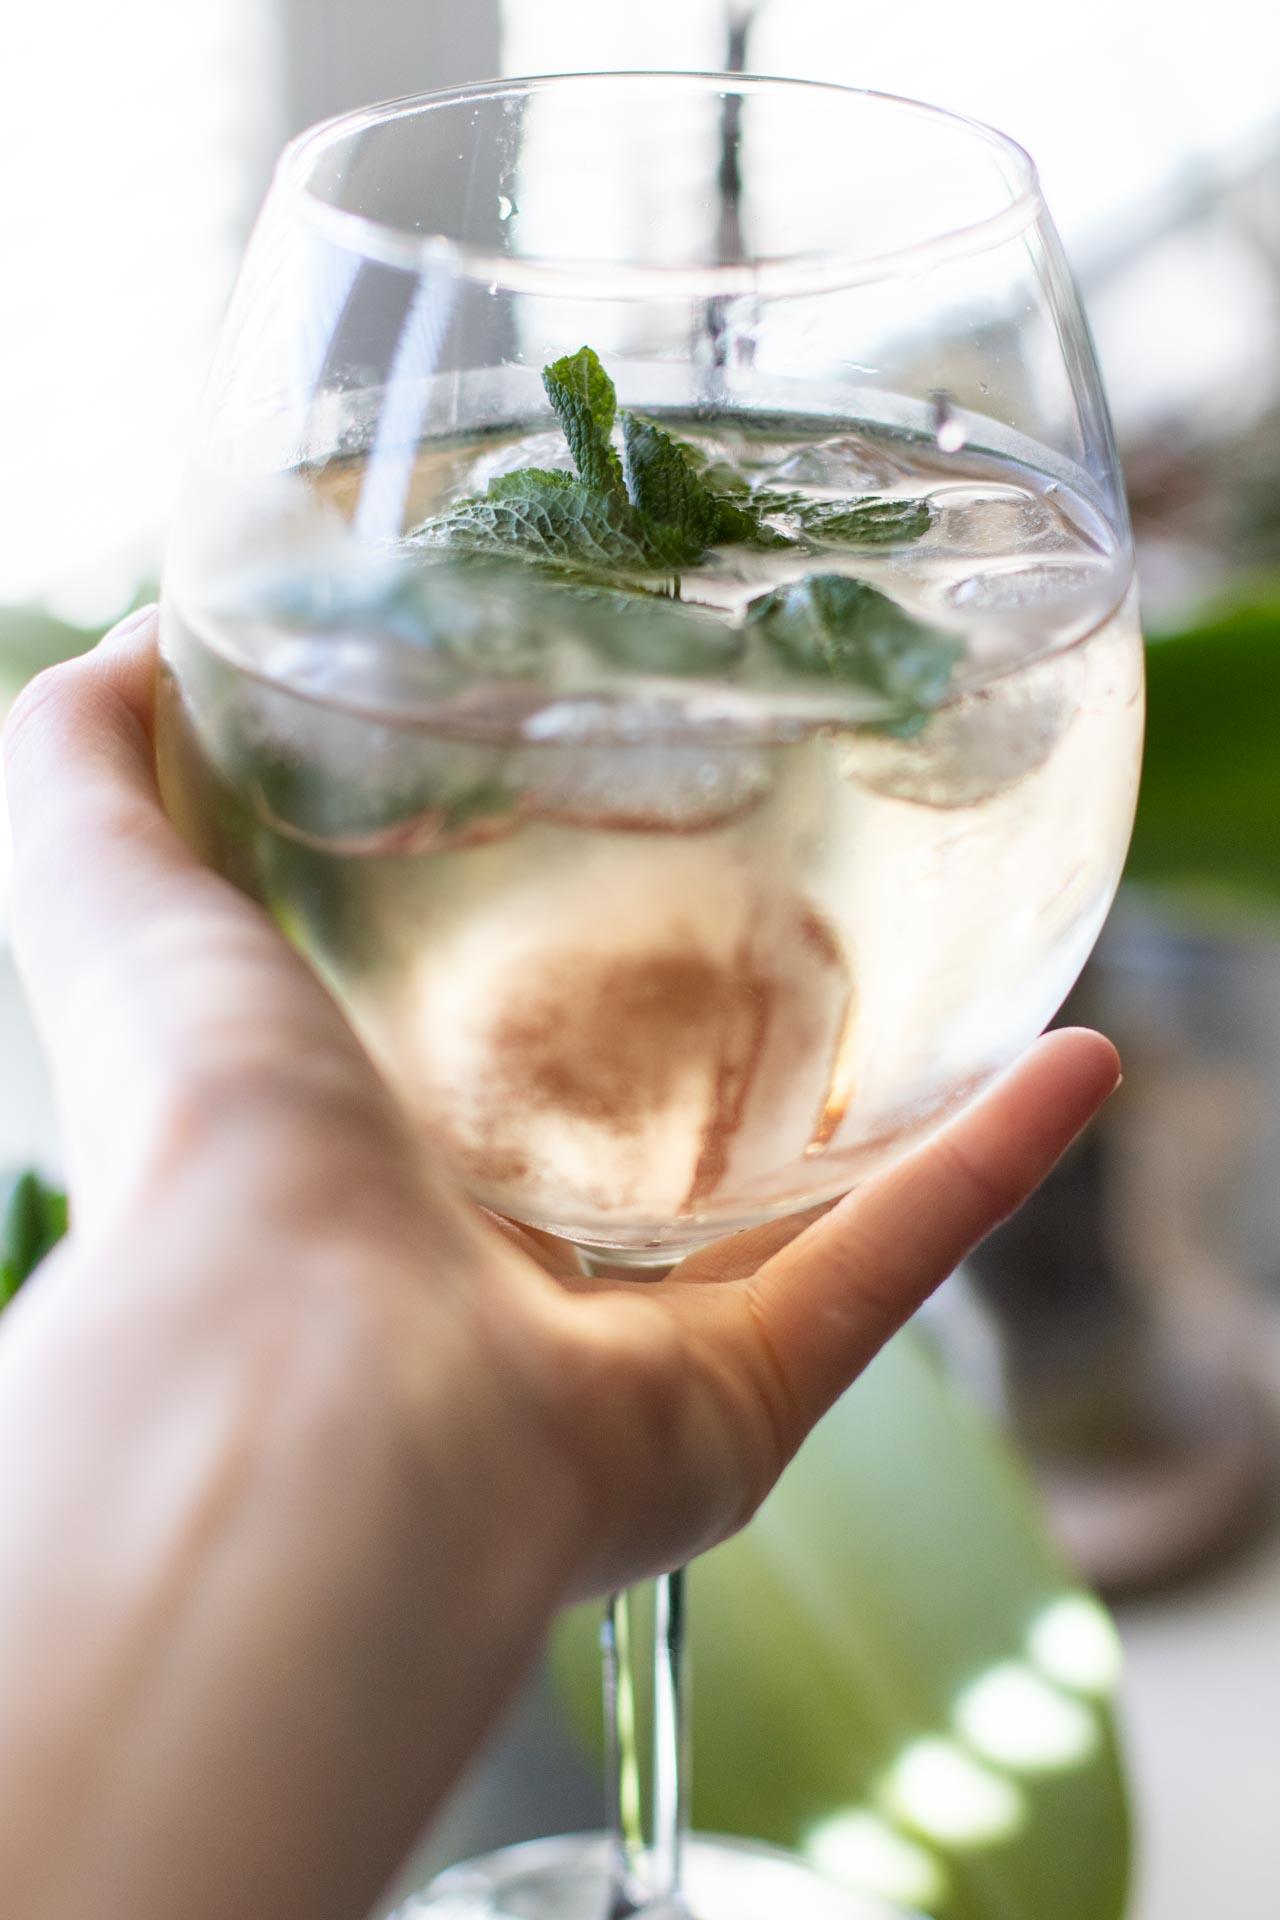 Letní drinky, Frizzante, máta, léto, osvěžení, VINIUM, foto ke článku